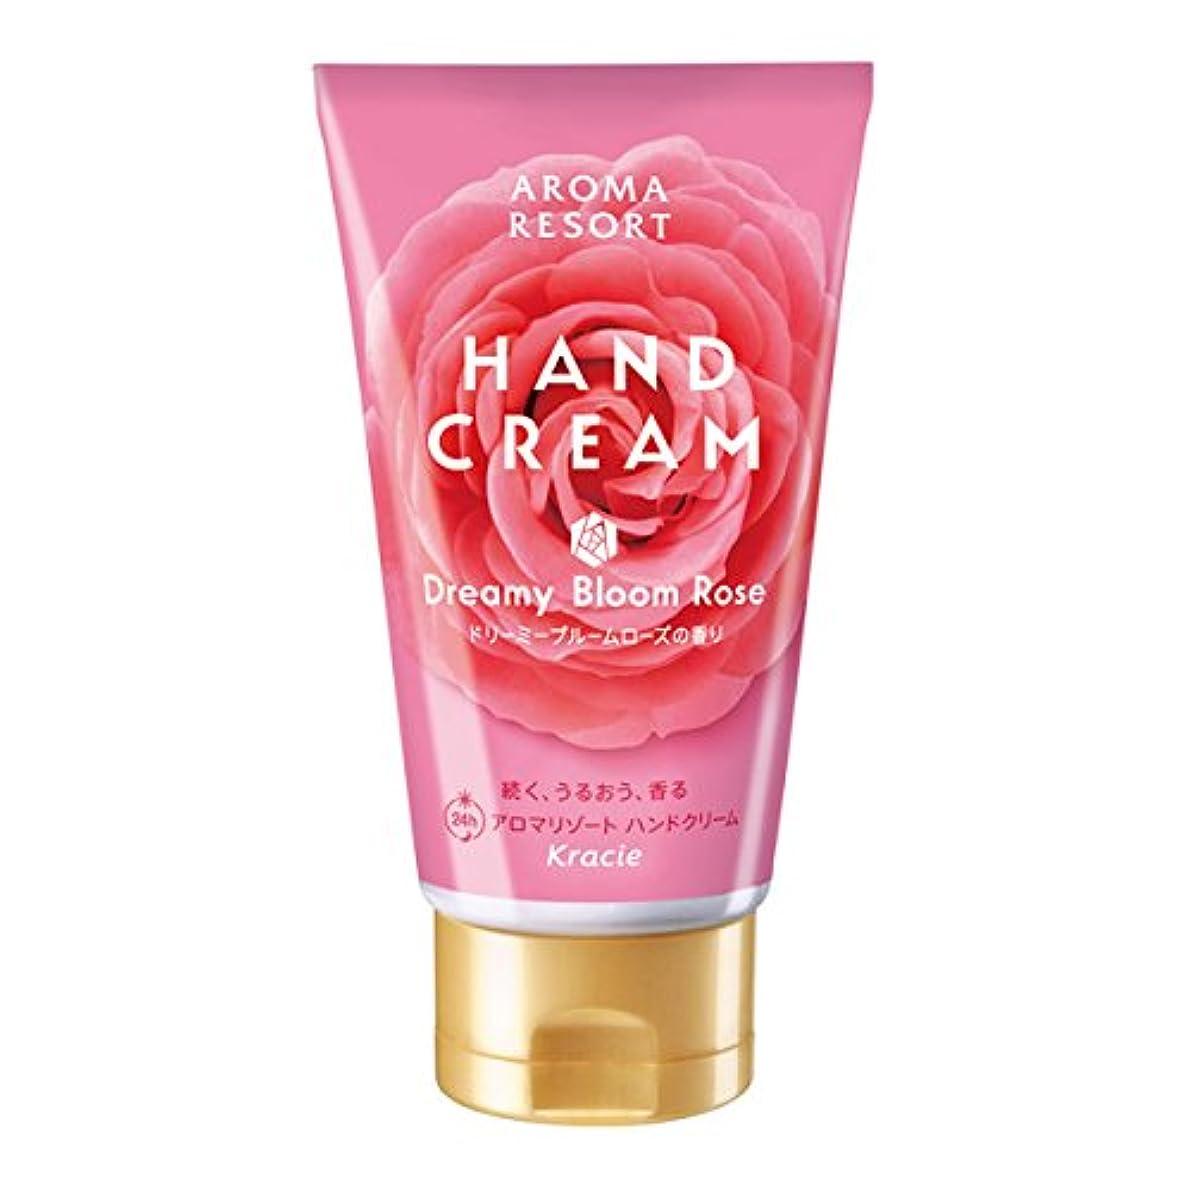 ラバ素晴らしい良い多くの最もアロマリゾート ハンドクリーム ドリーミーブルームローズの香り 70g